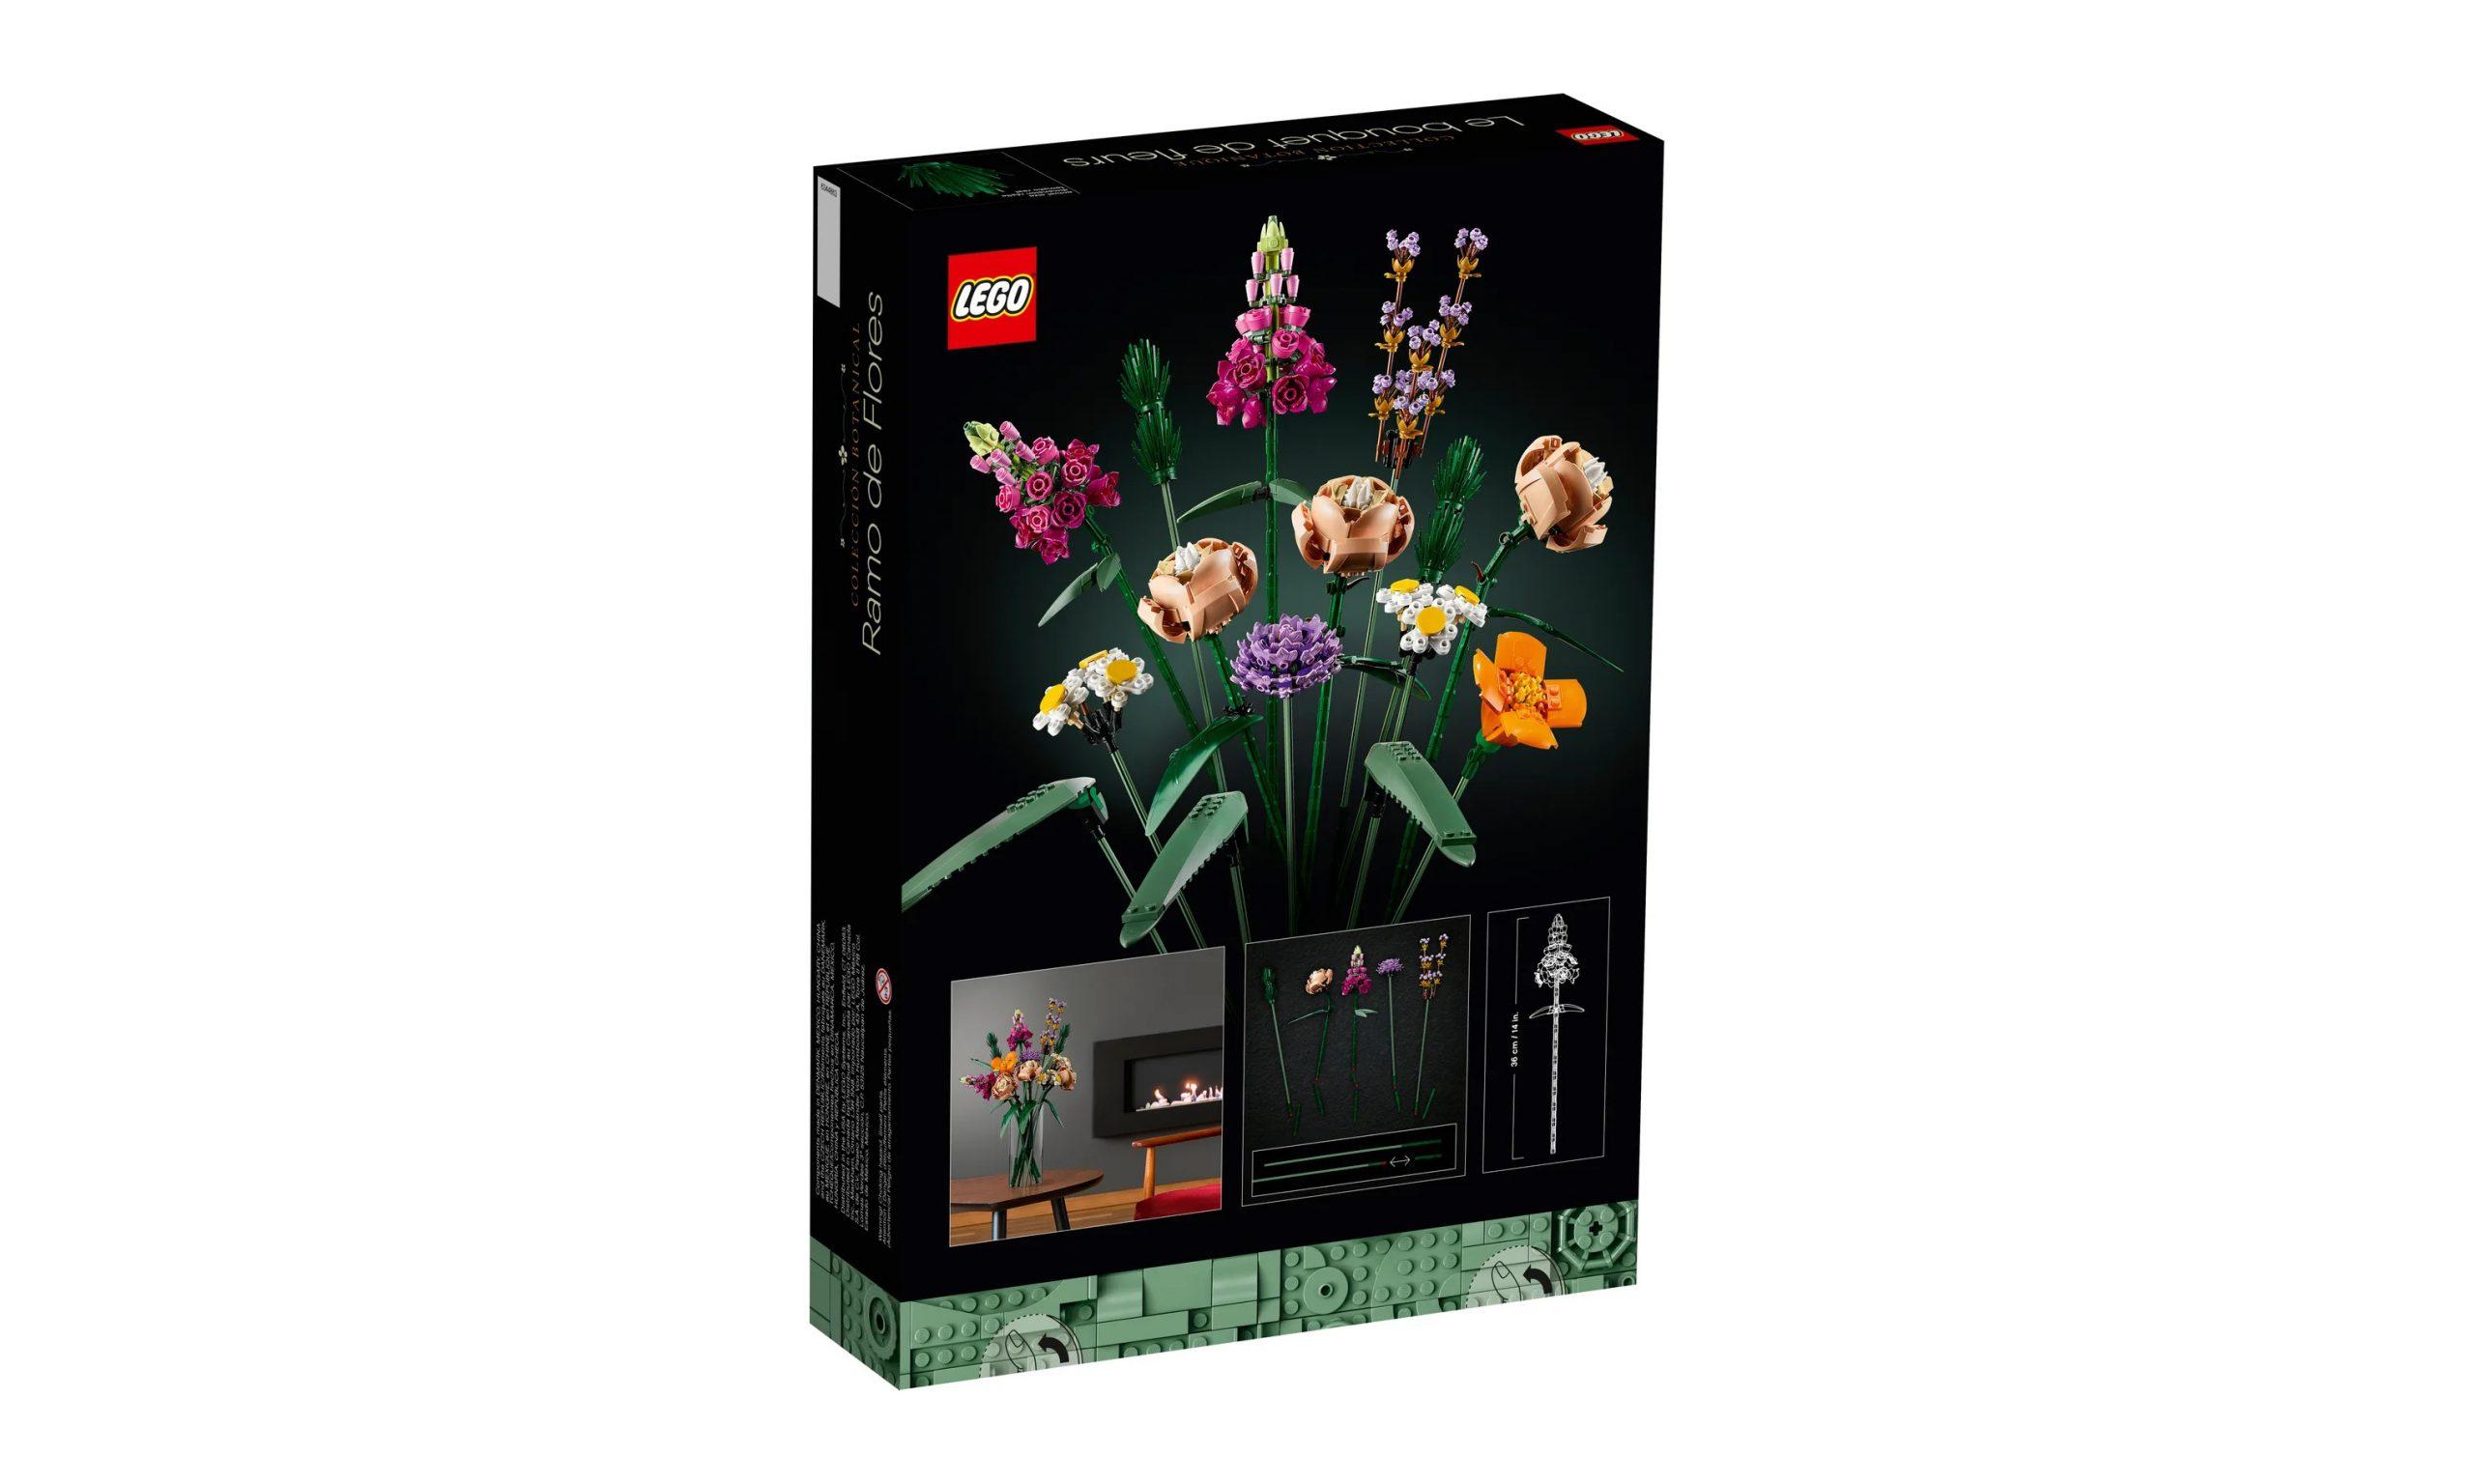 缤纷花卉绽放,LEGO 10280 Flower Bouquet 盒组登场